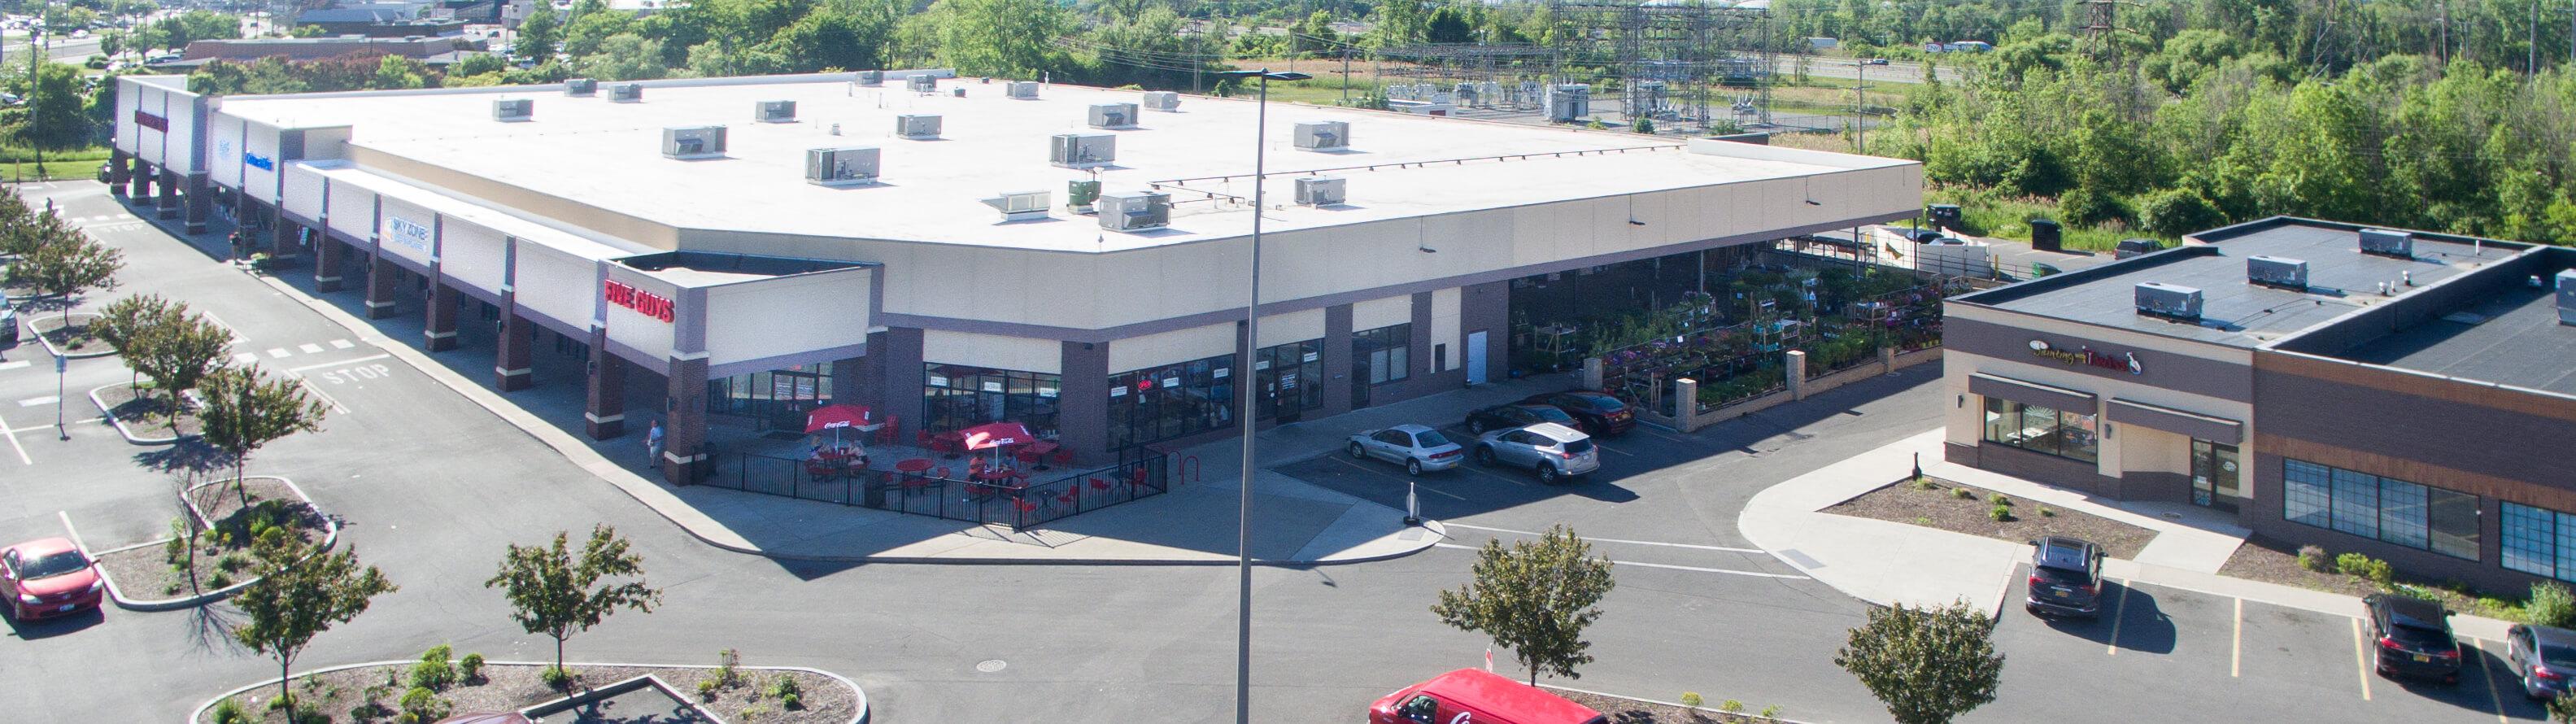 Dewitt Town Center Exterior Arial